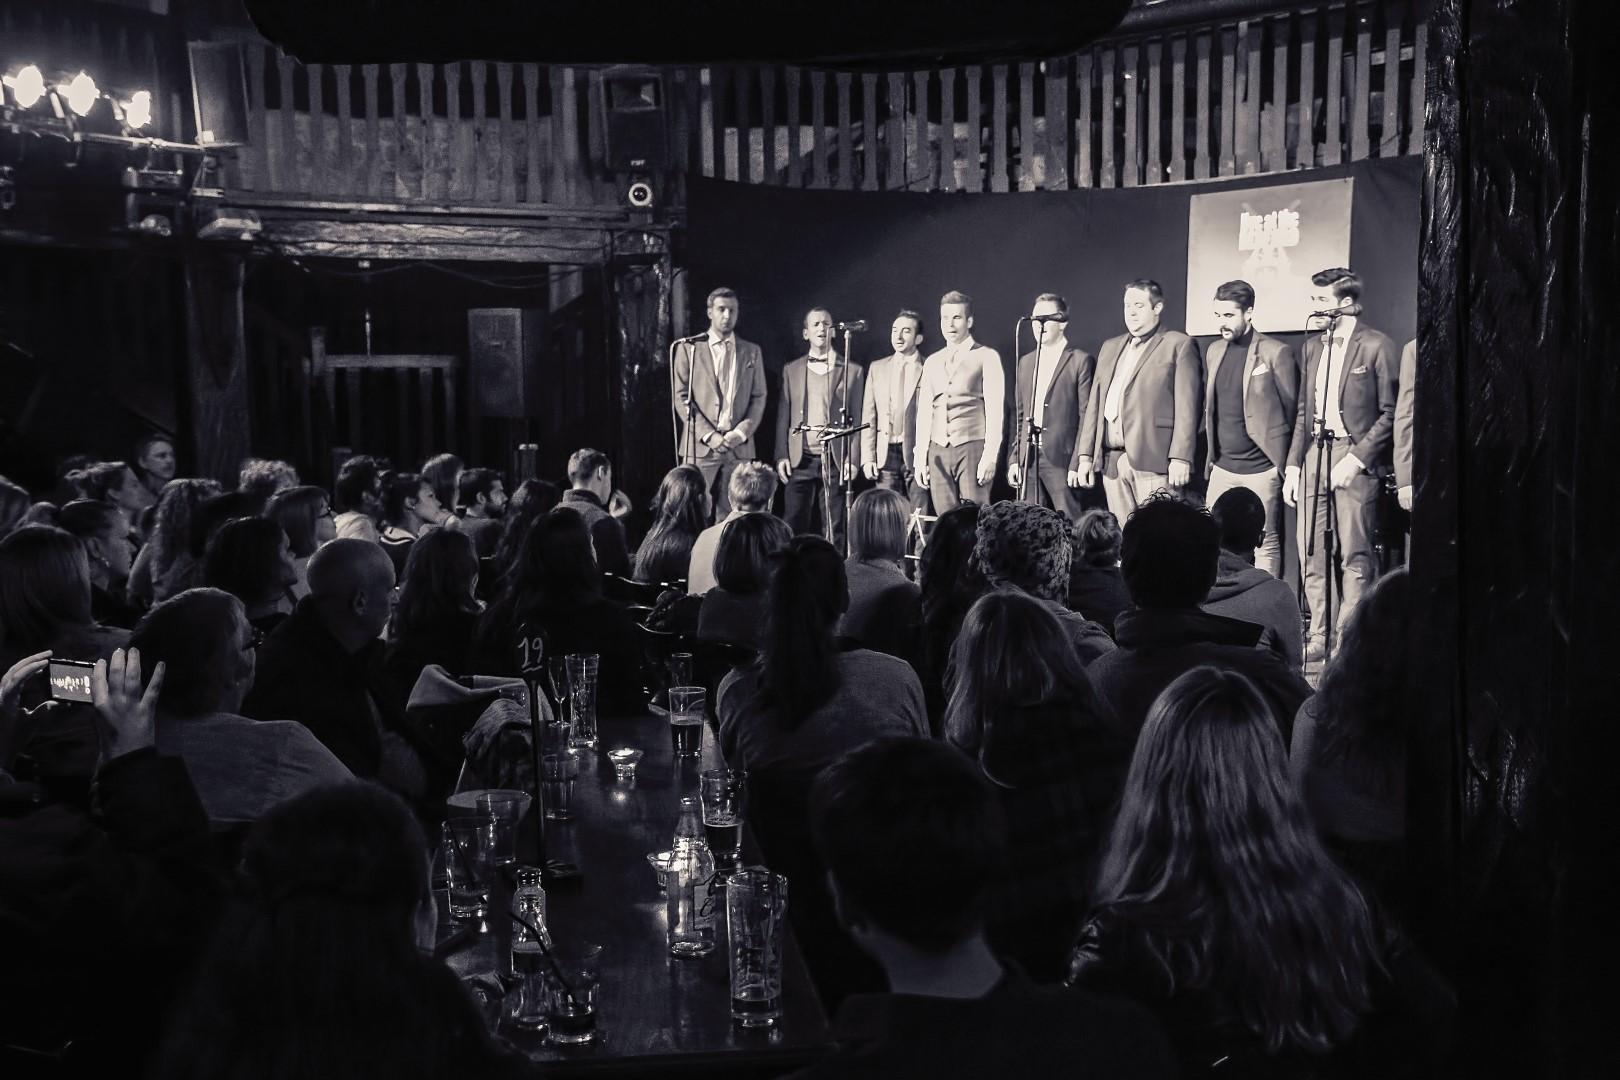 The Buzztones A Cappella The Bedford